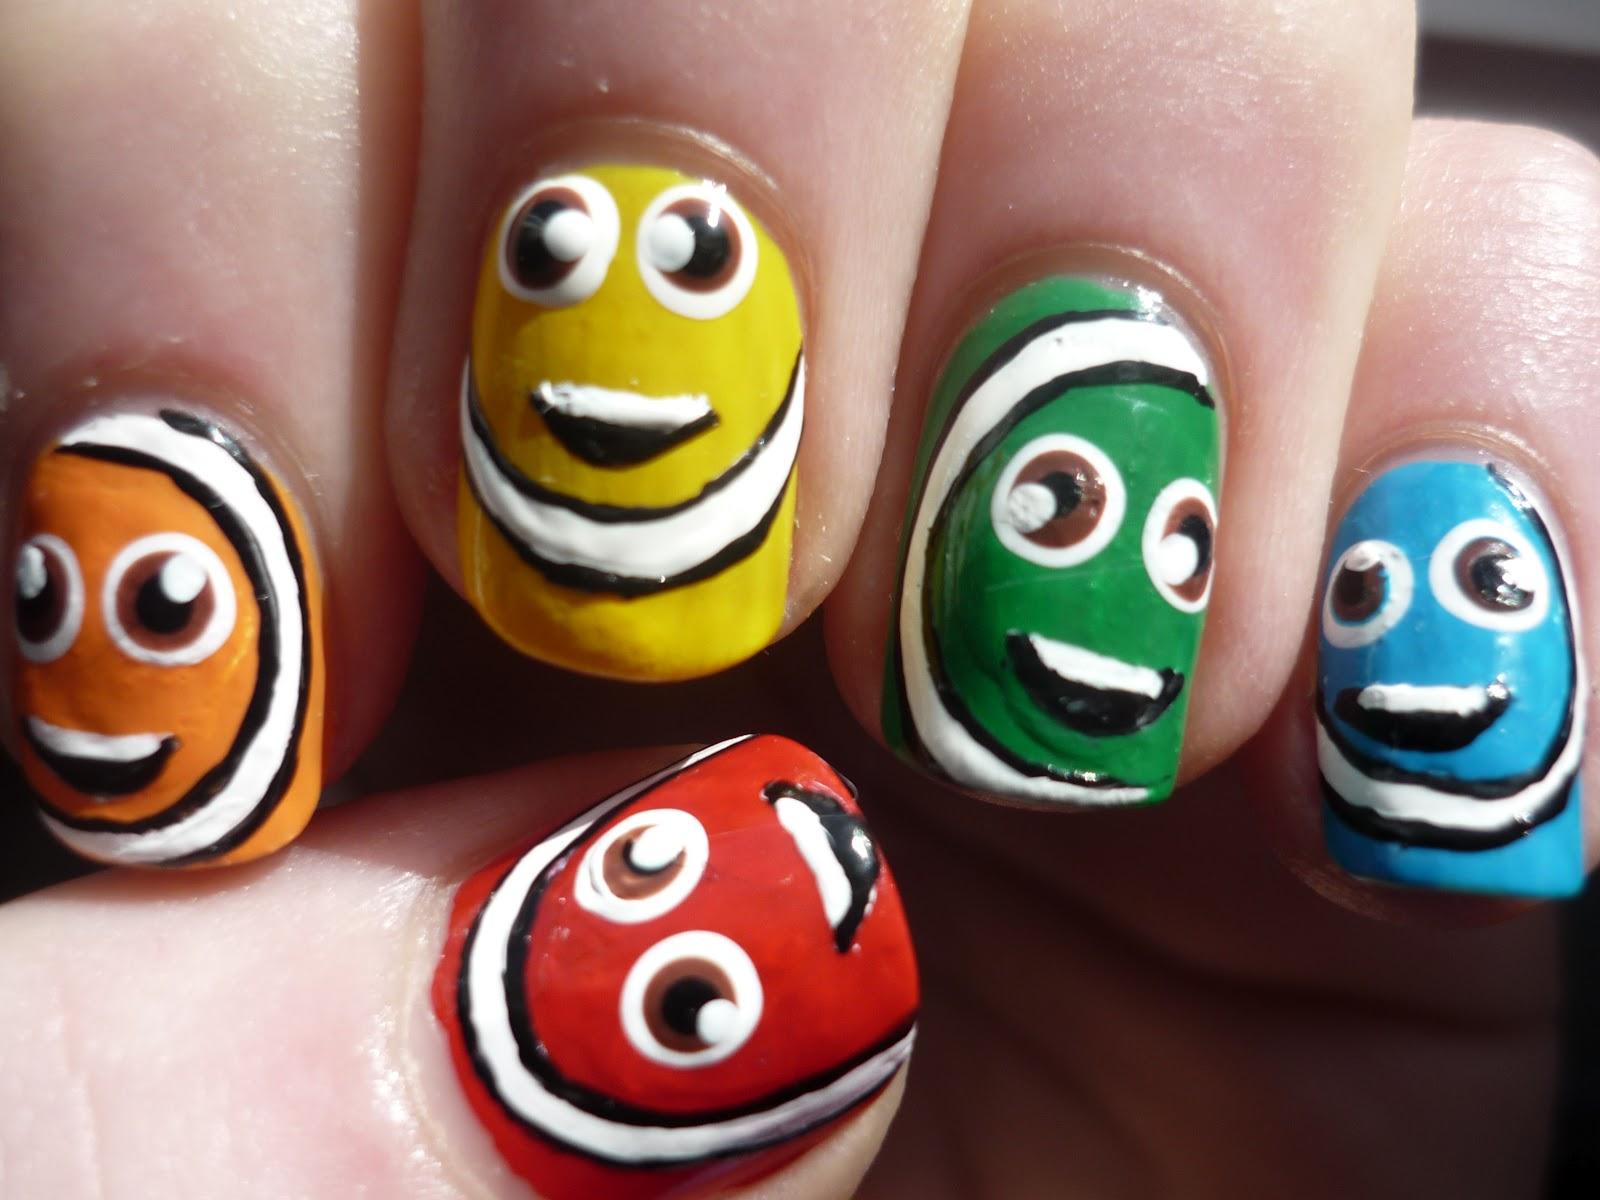 Adorable Faces Nail Art